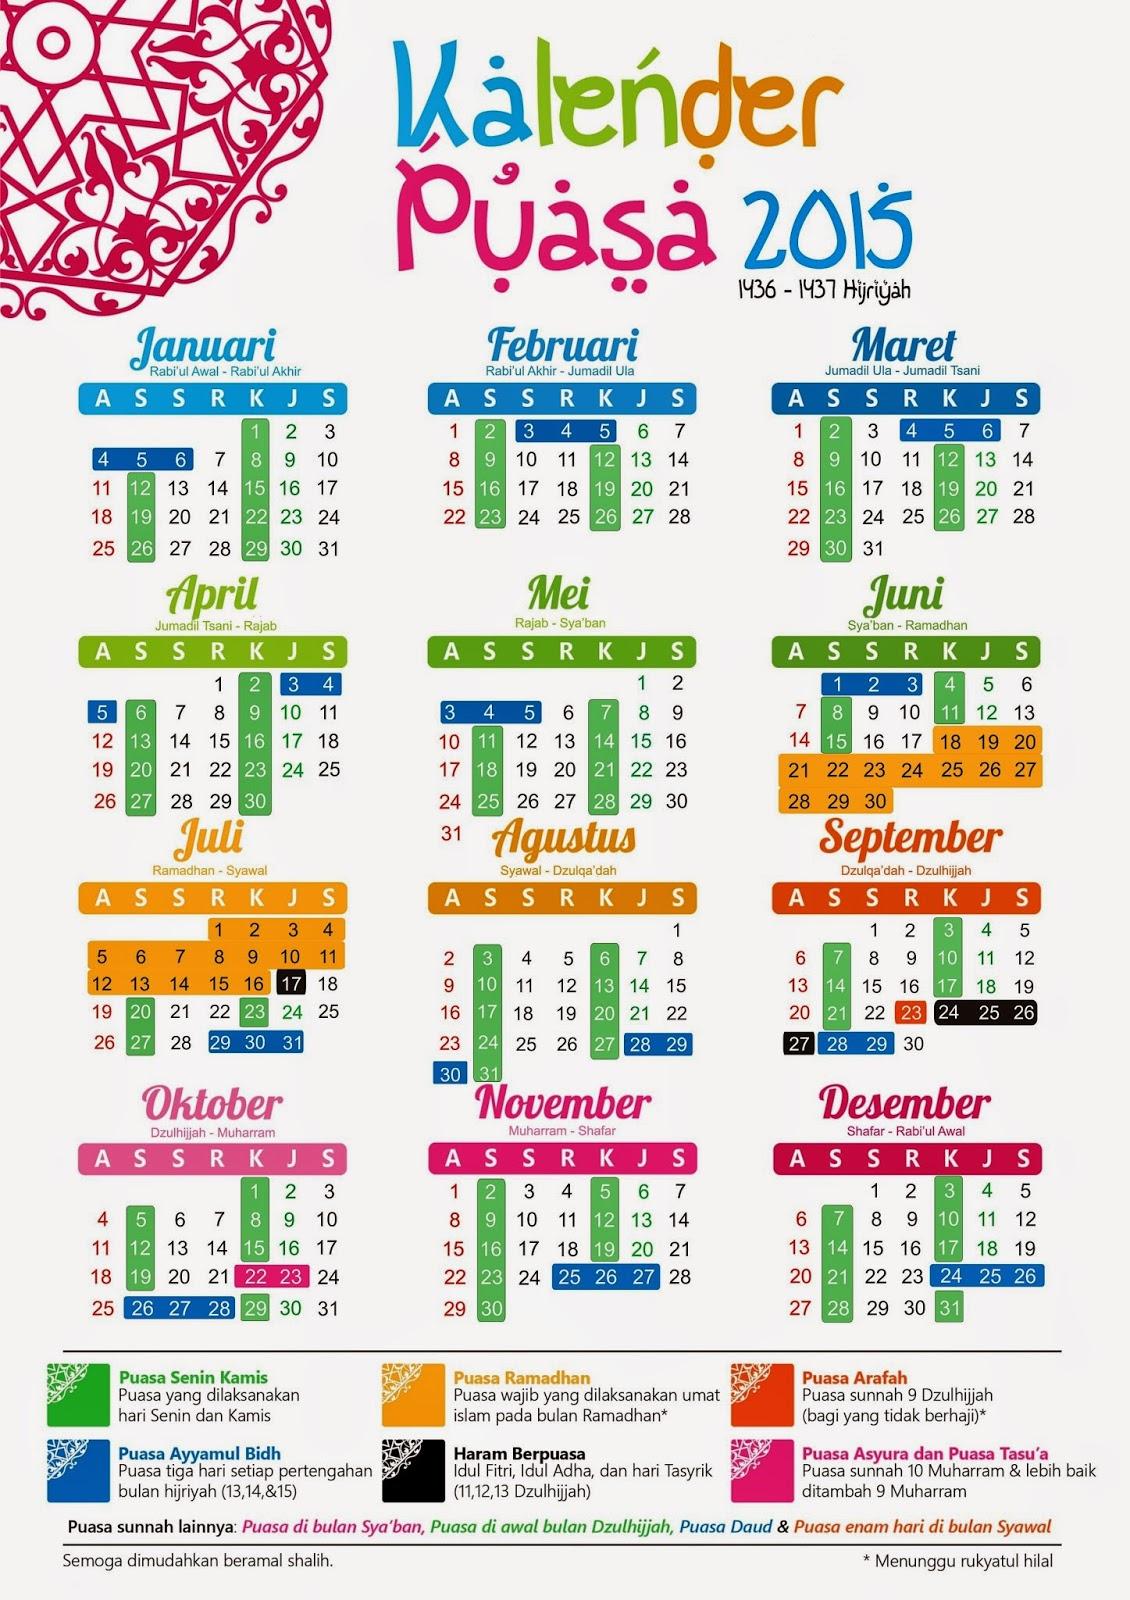 puasa sunnah tiap hari senin dan kamis kalender hijriyah masehi puasa